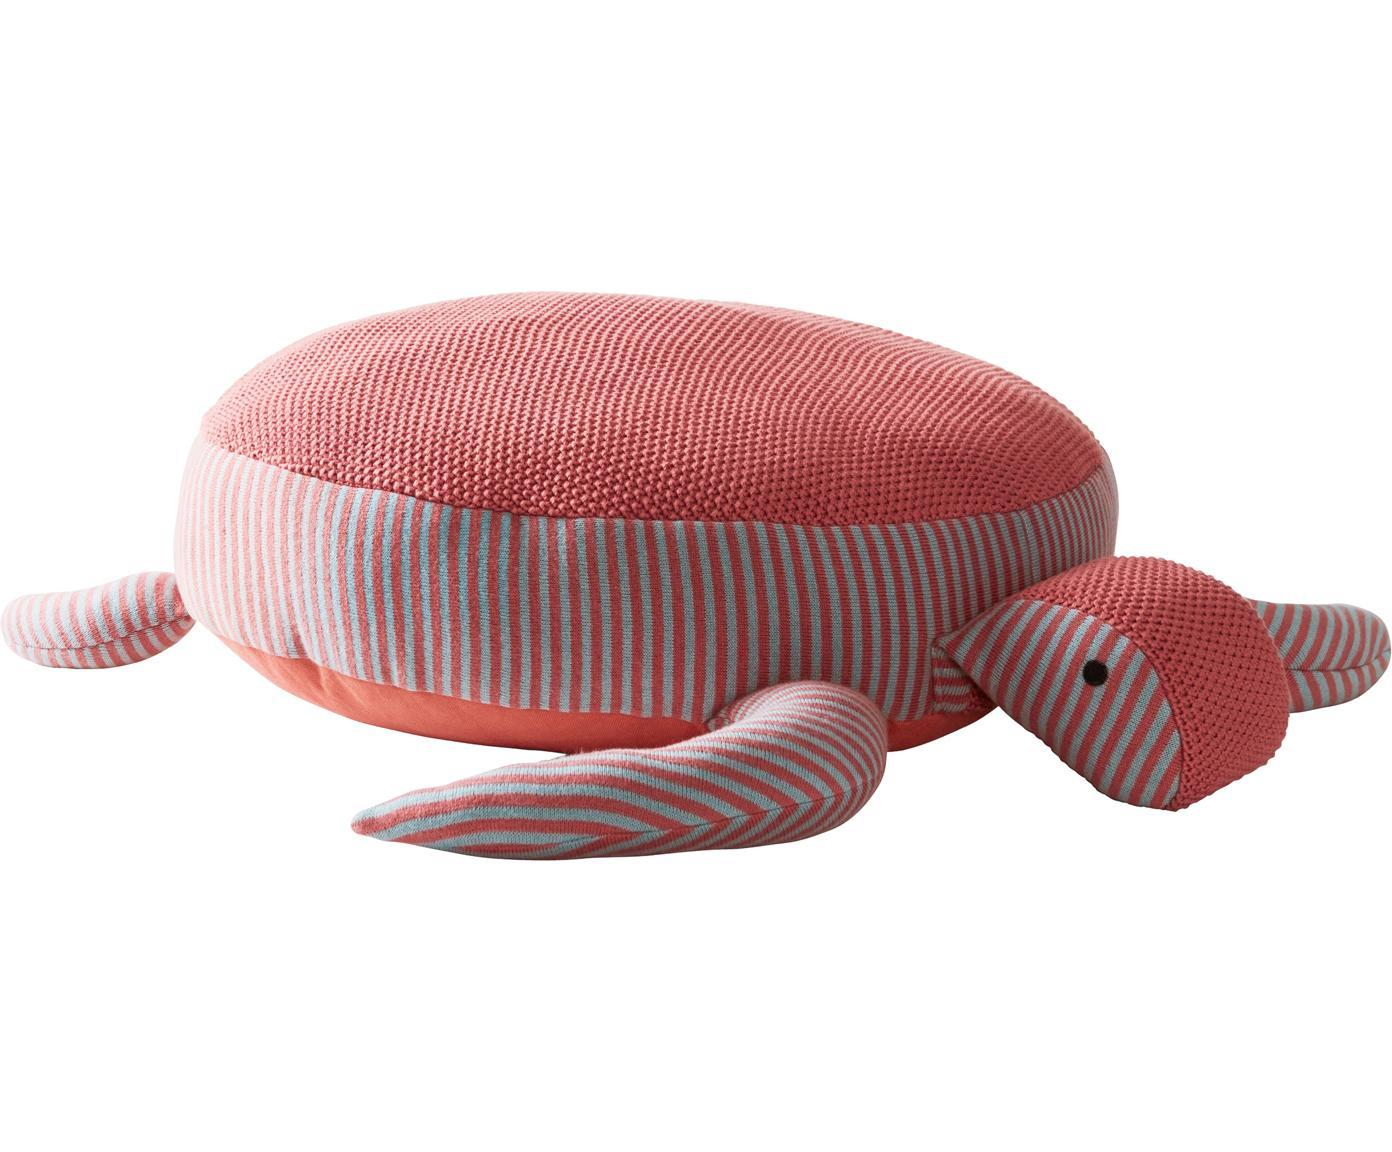 Bodenkissen Zane aus Bio-Baumwolle, Bezug: Bio-Baumwolle, Korallenrot, Grau, 60 x 25 cm